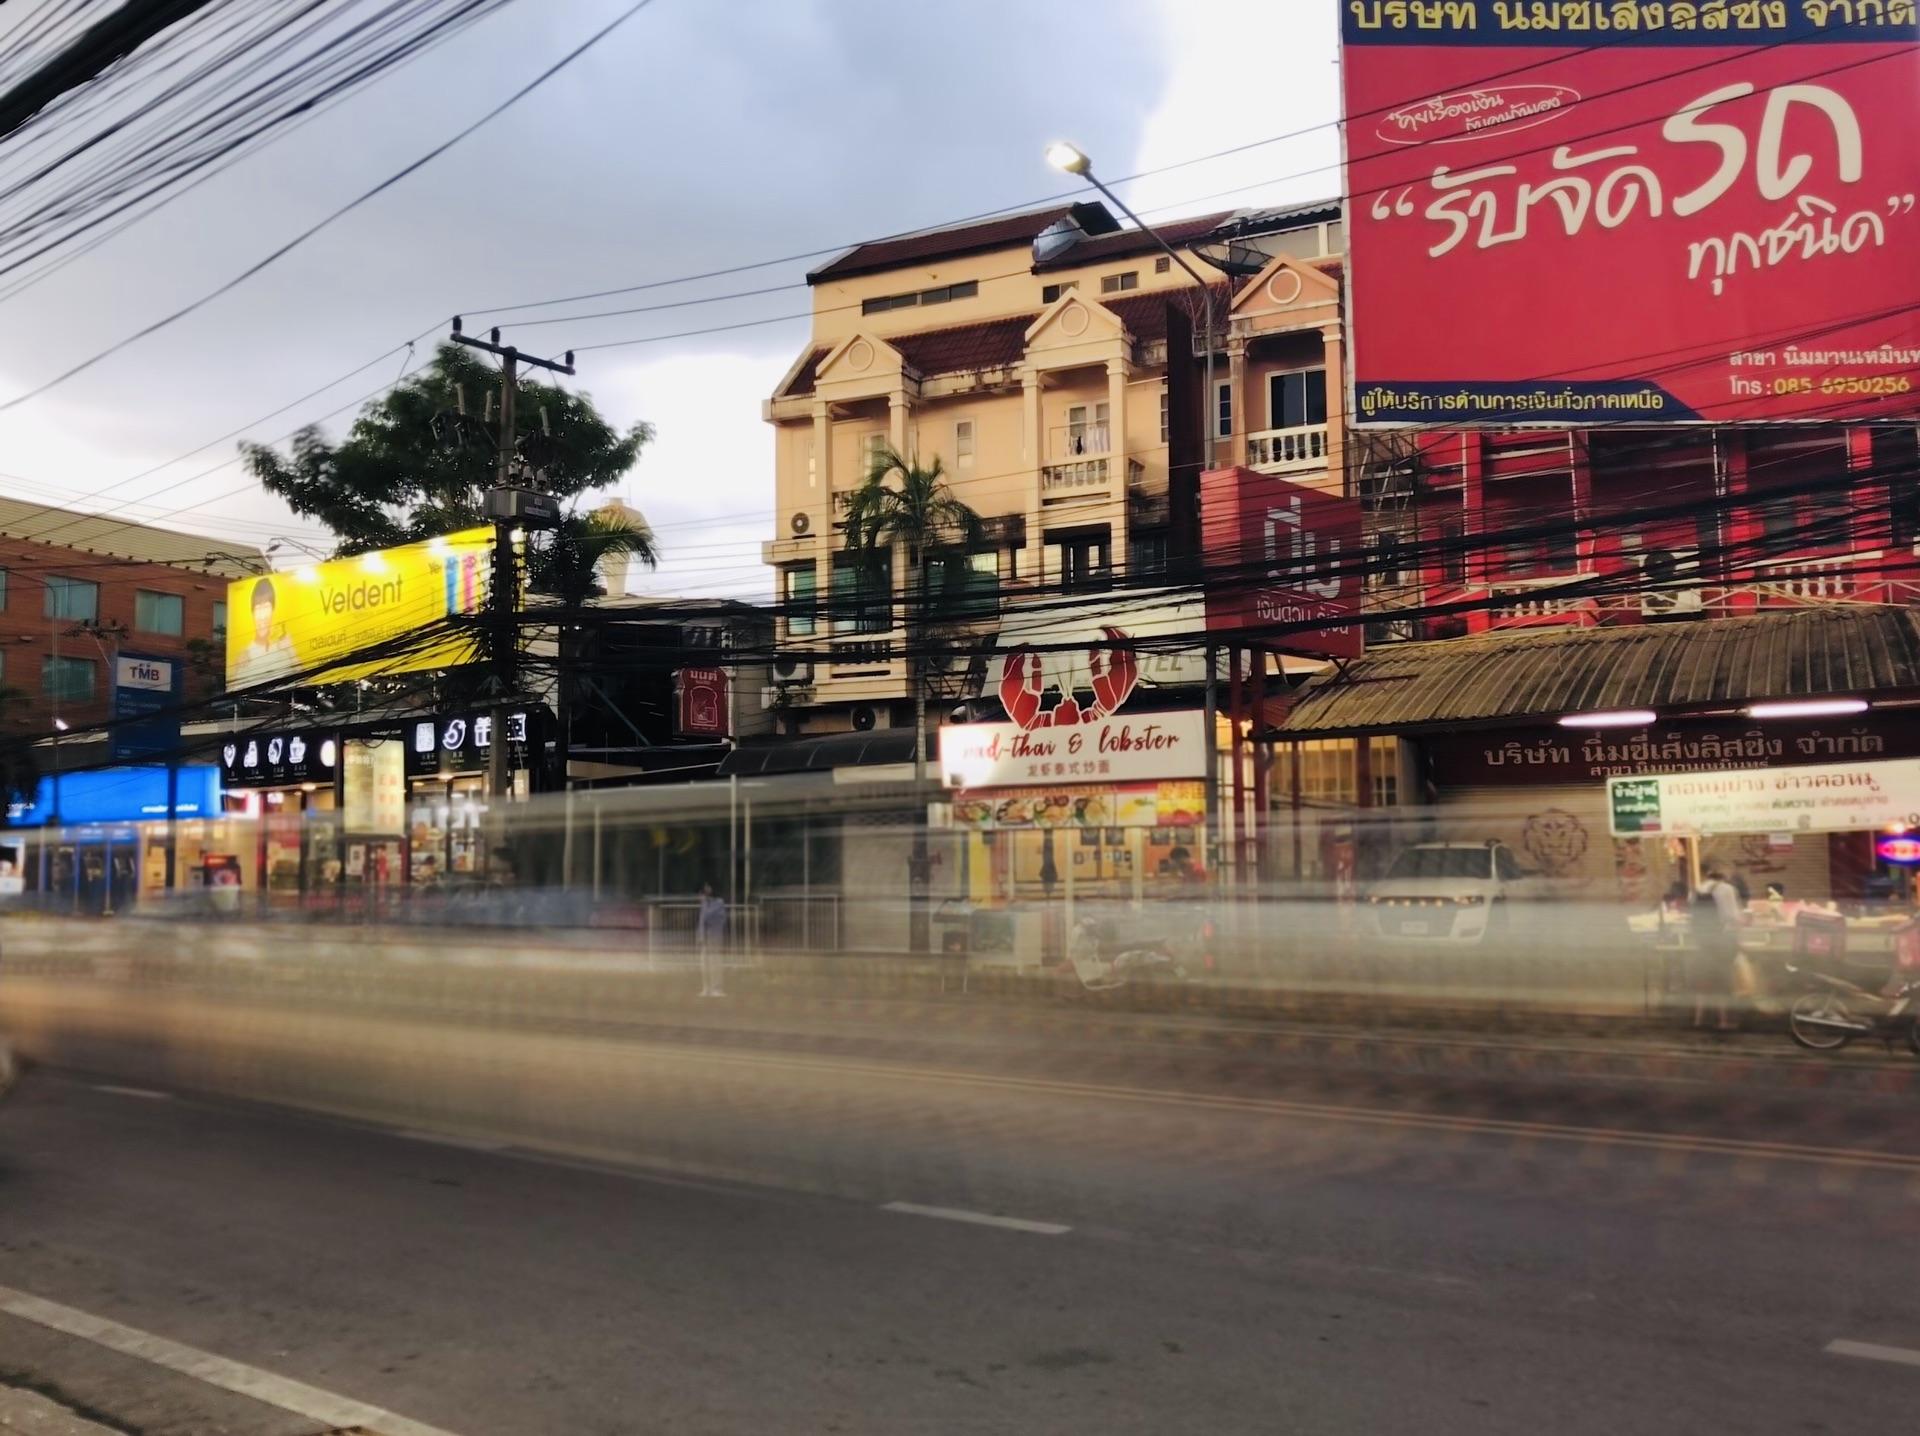 泰国/清迈  宁曼路/清迈夜市